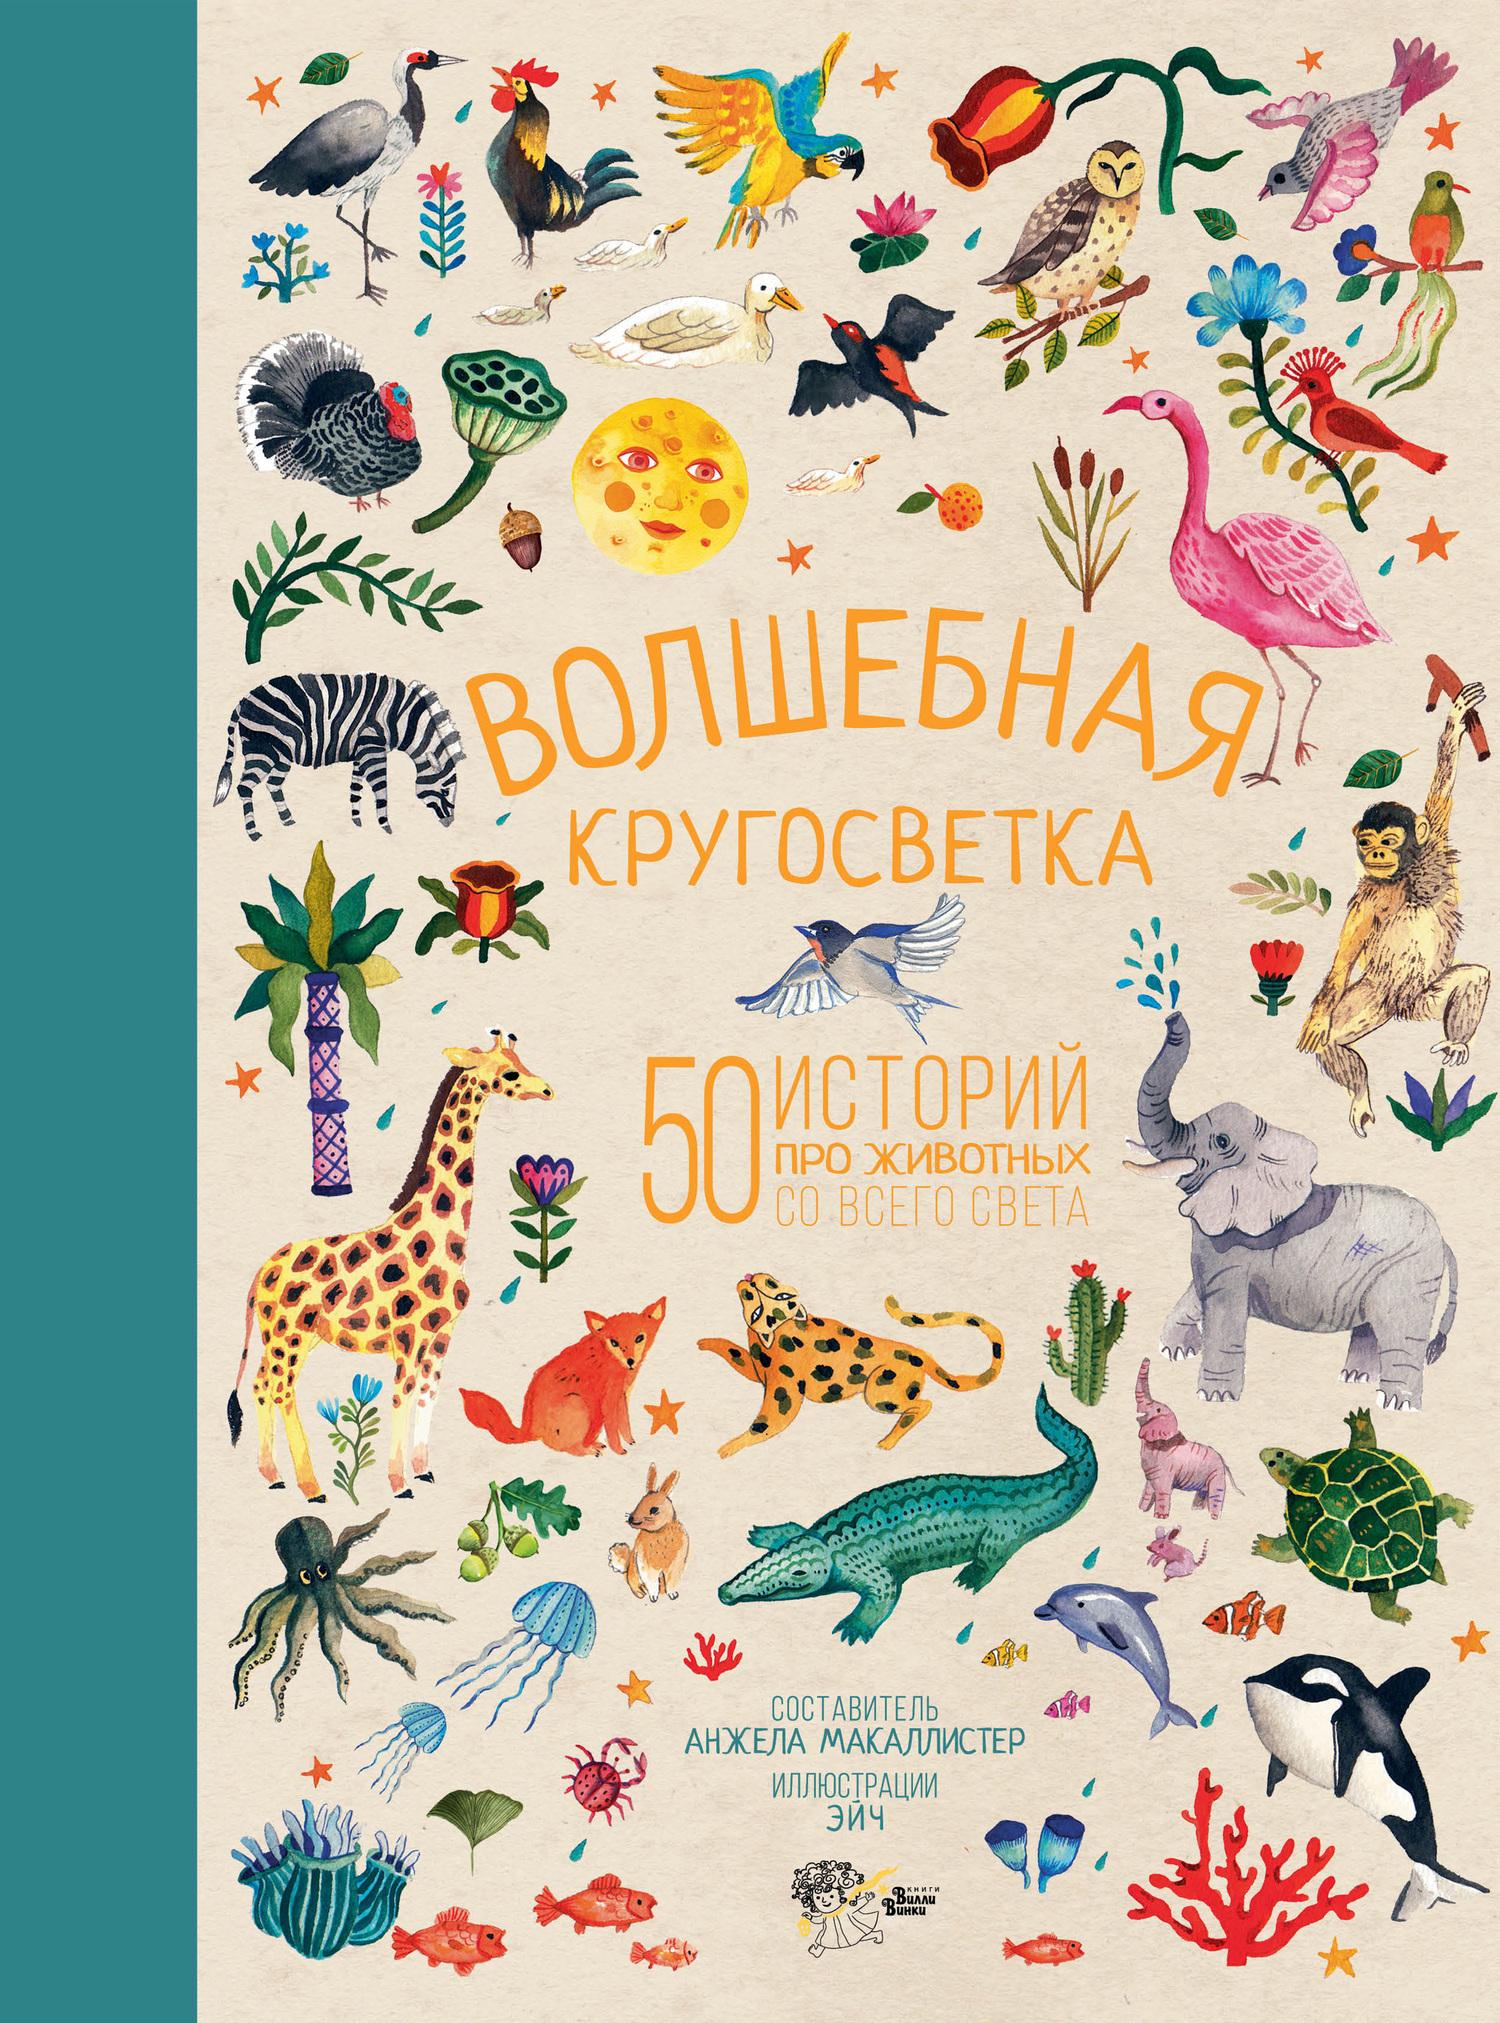 Народное творчество (Фольклор), Анжела Макаллистер - Волшебная кругосветка. 50 историй про животных со всего света